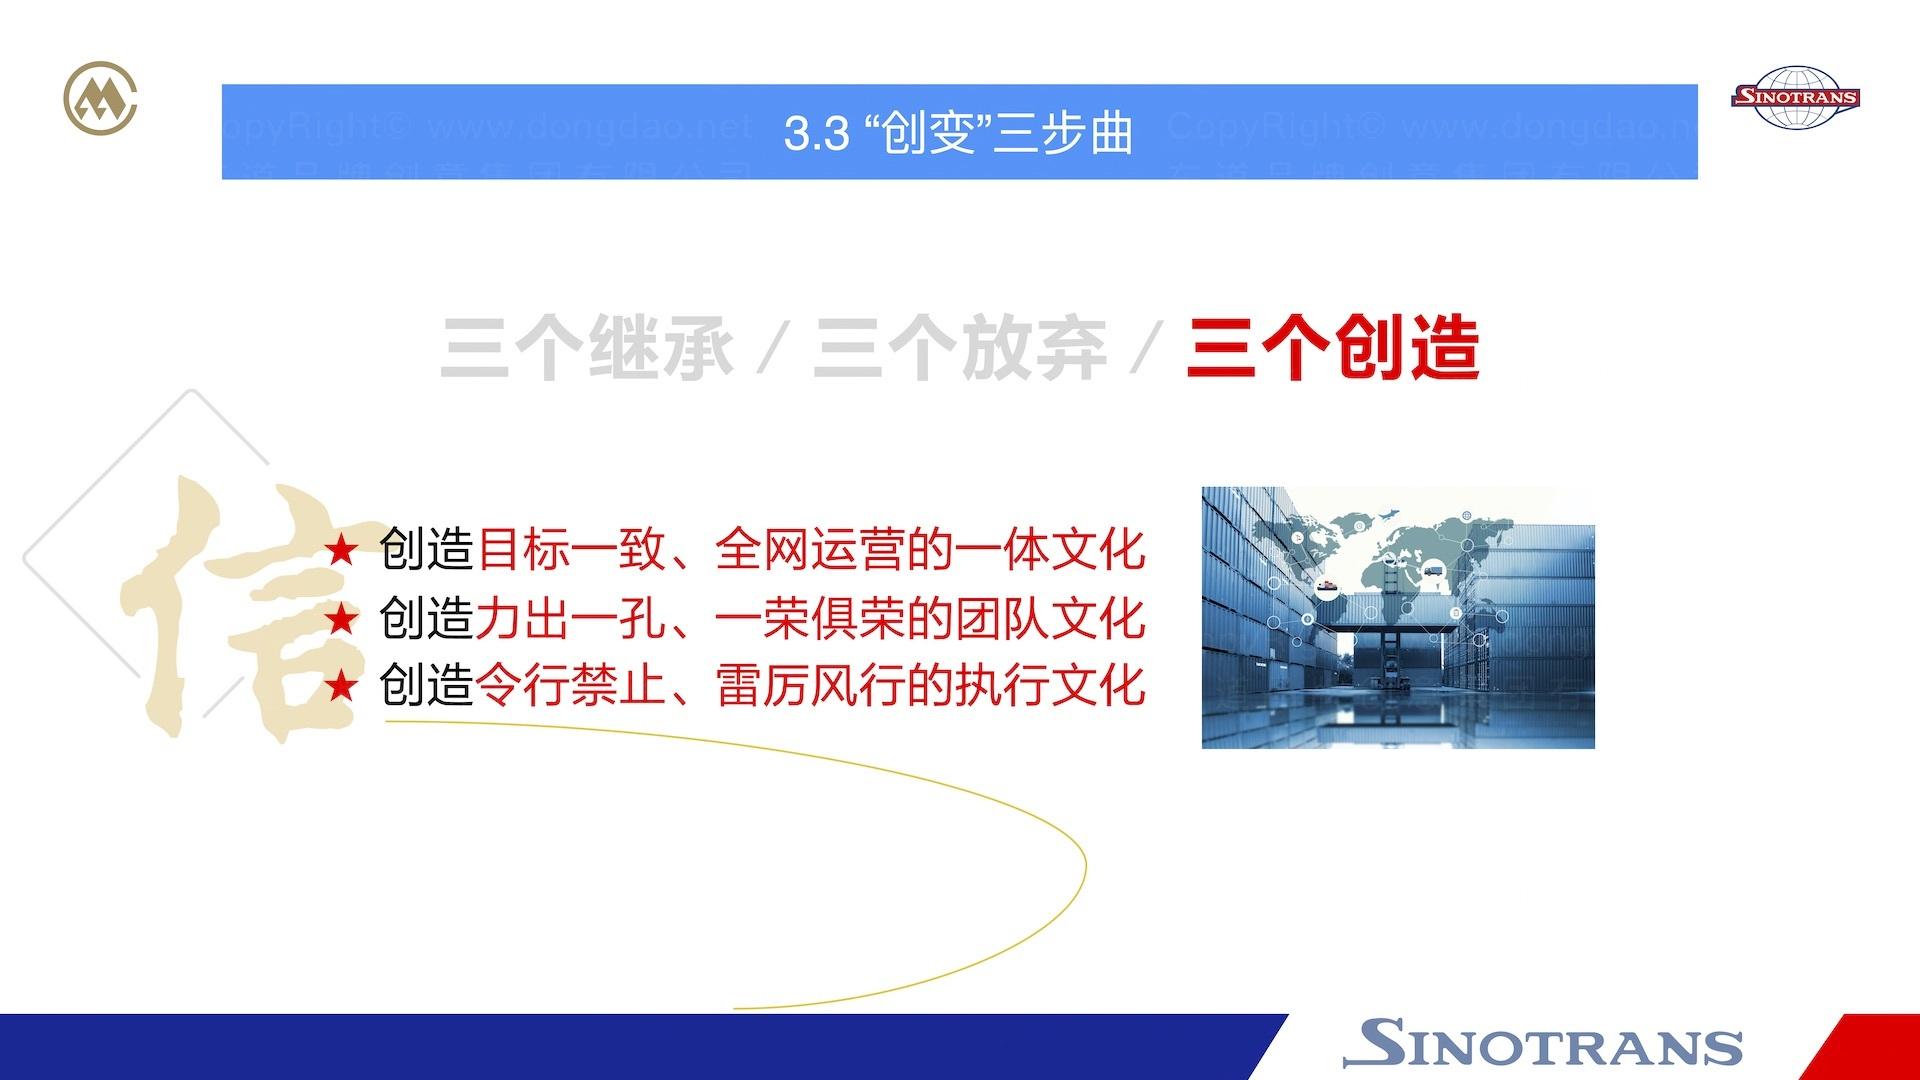 品牌战略&企业文化中国外运企业文化落地项目企业文化手册应用场景_8